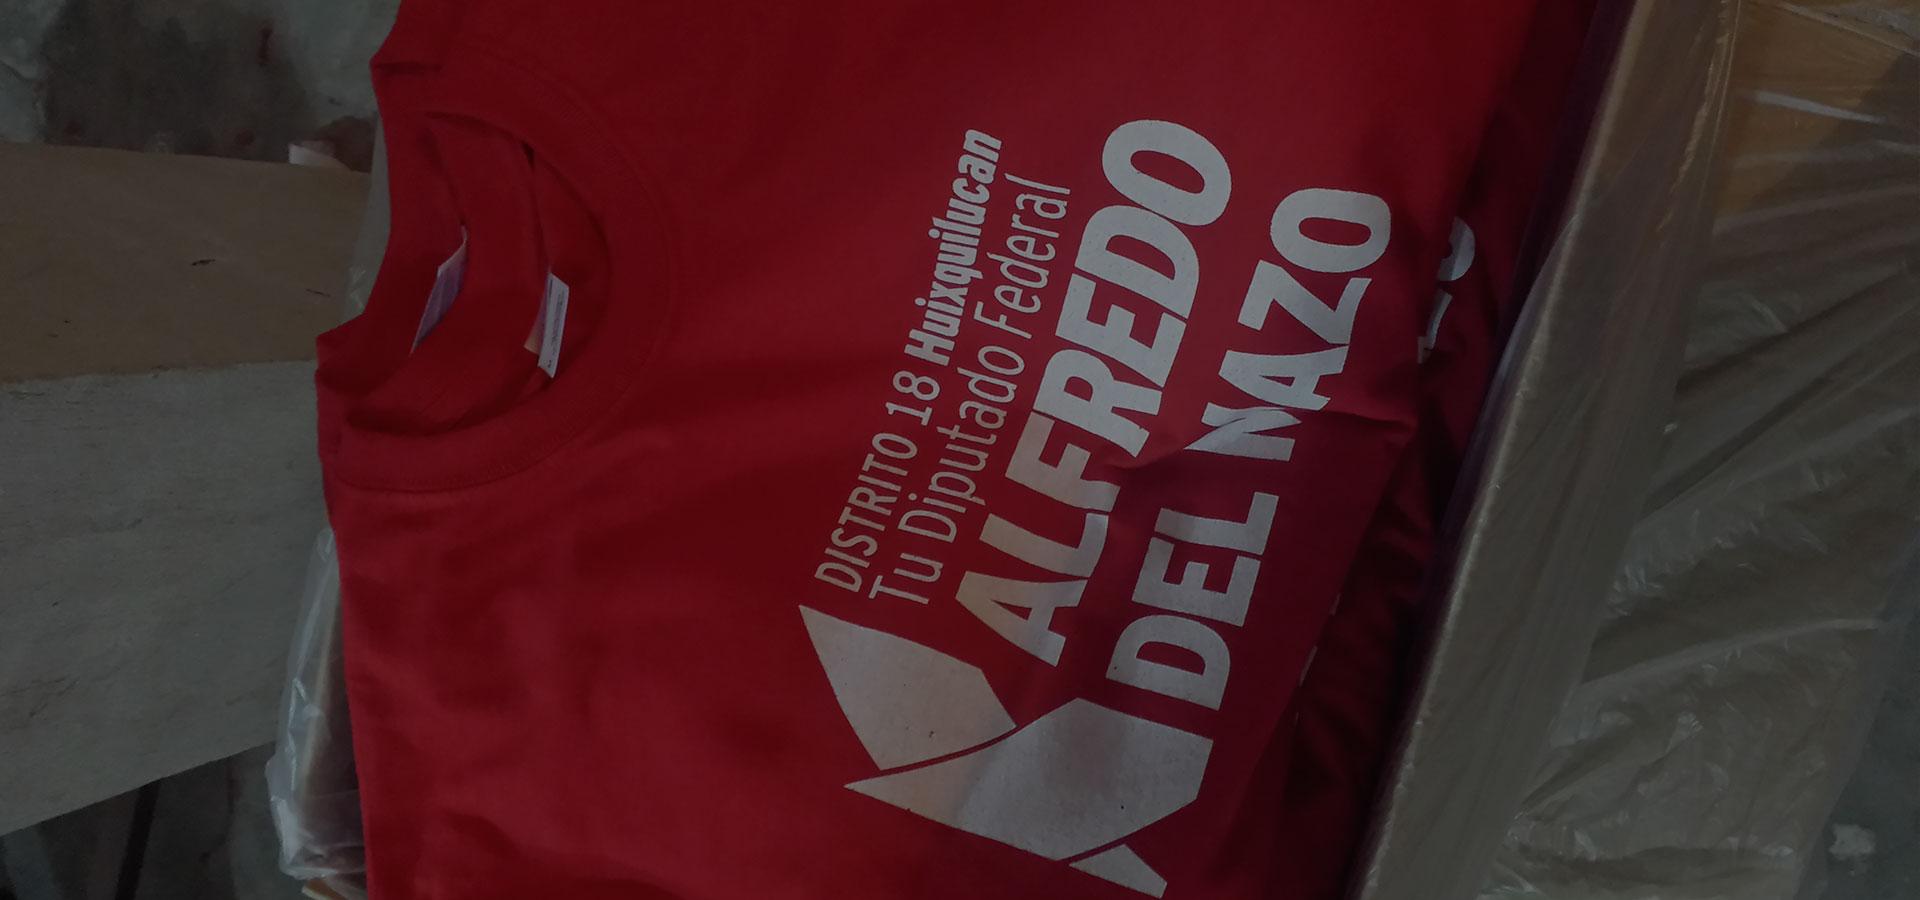 Impresión de playeras de campañas politicas en Querétaro 5766ae8aa5e6c